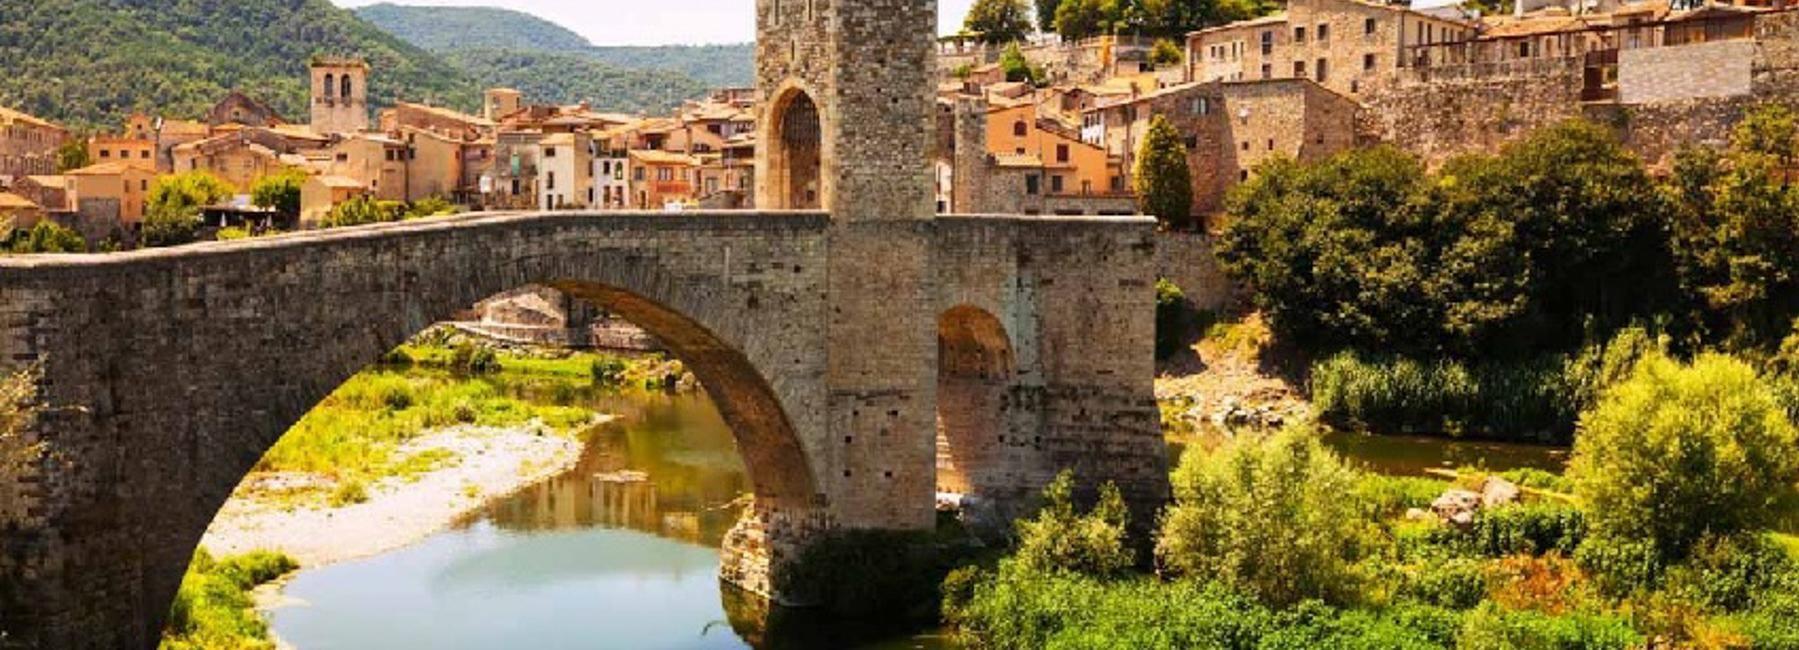 De Barcelone: visite privée des villes médiévales avec déjeuner